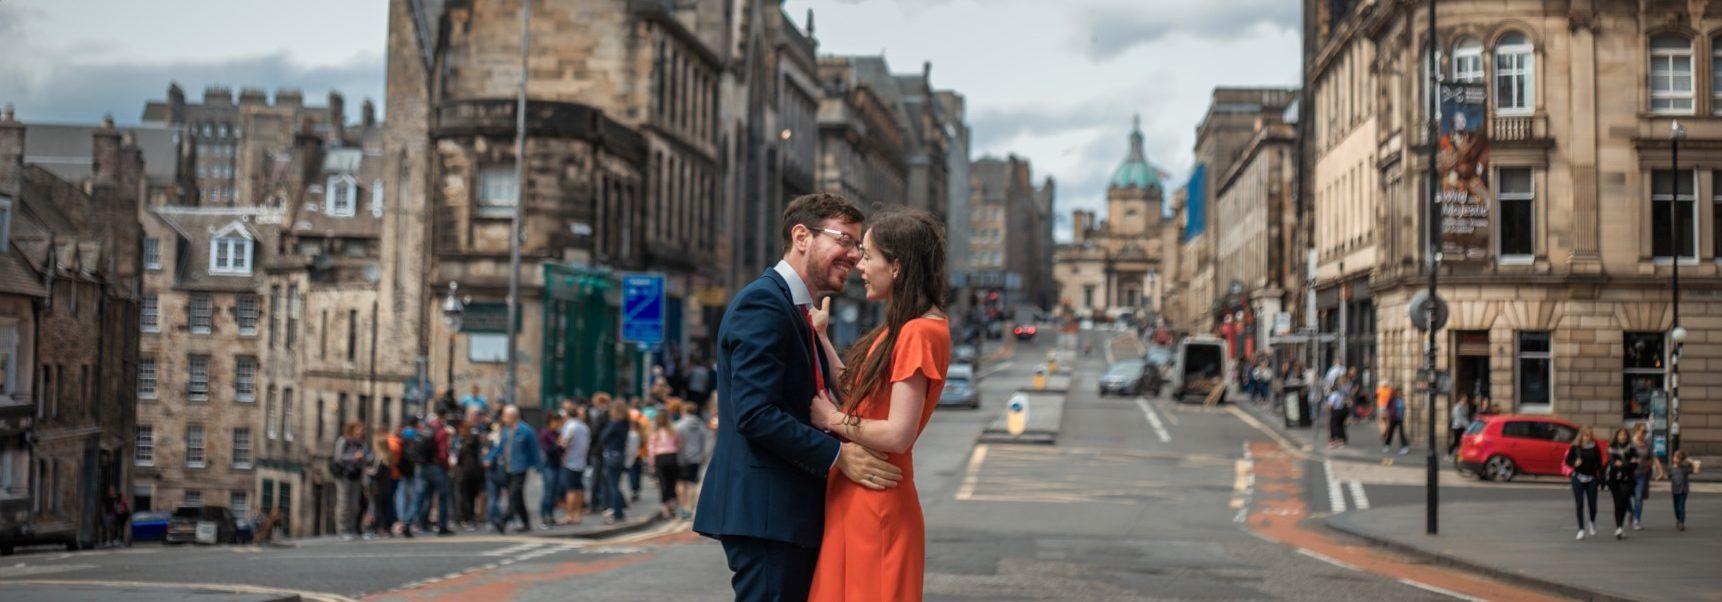 A walk in Edinburgh